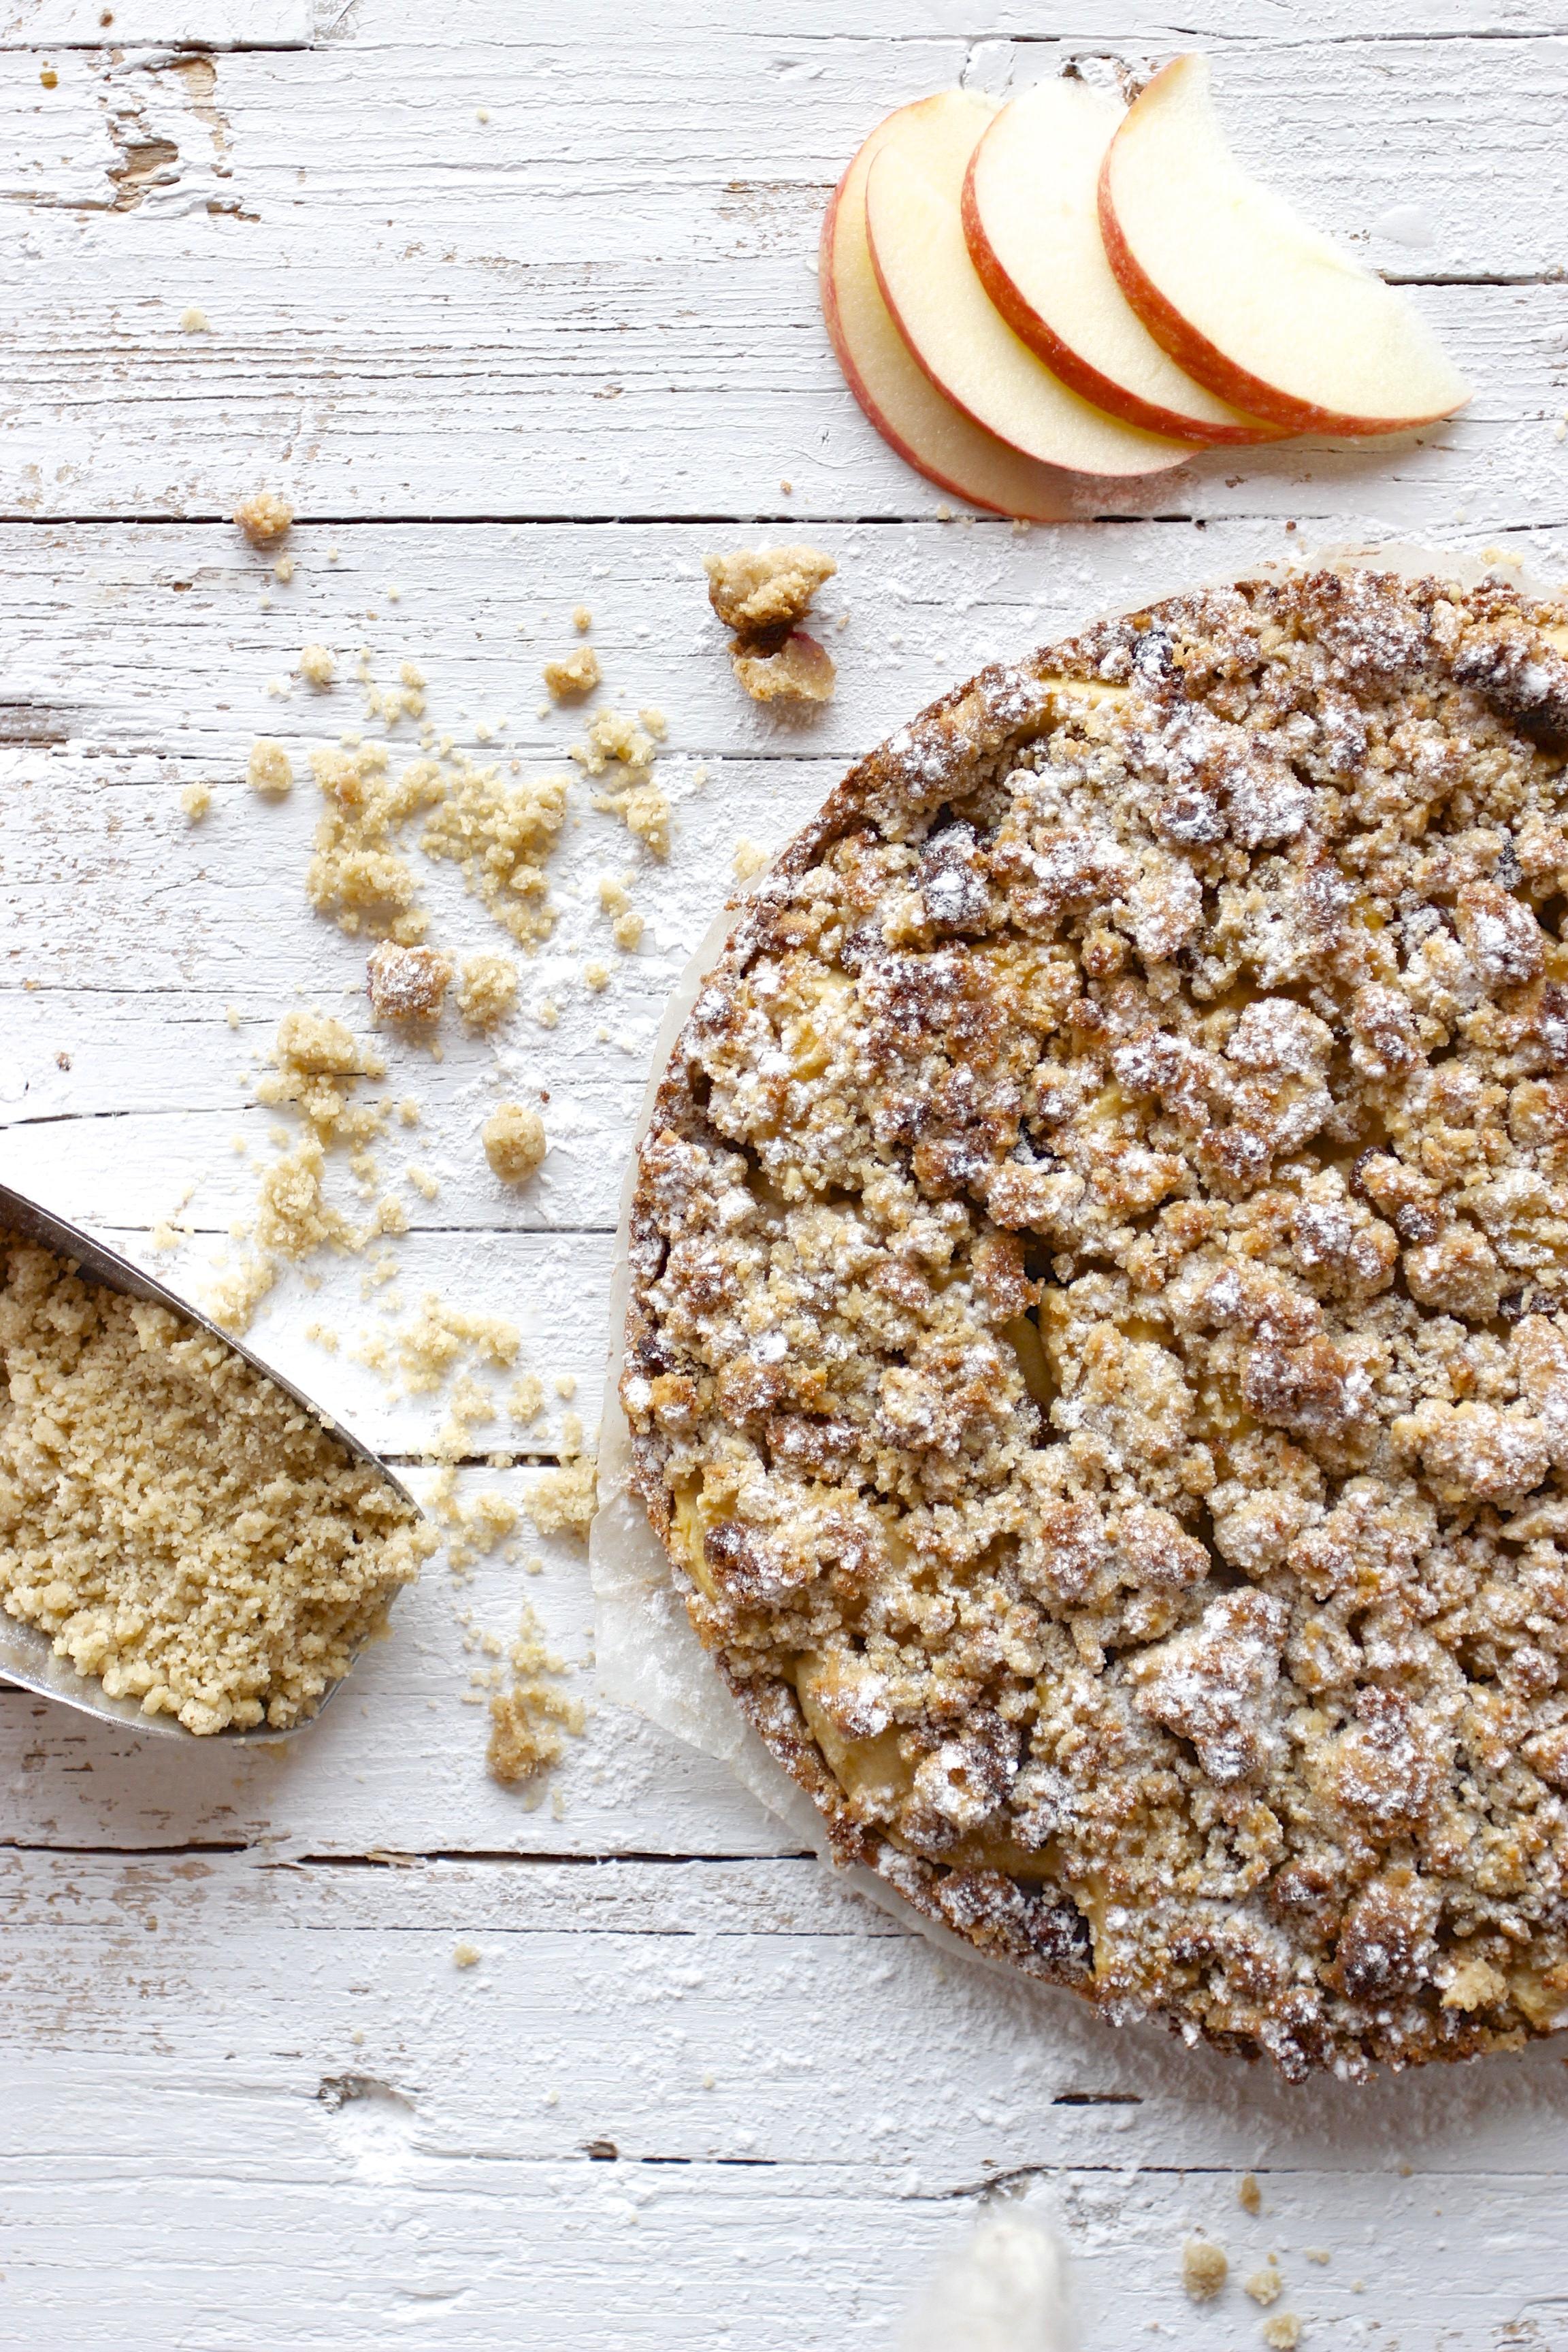 Buchweizen Apfel Streuselkuchen Vegan Ohne Gluten Wie Immer